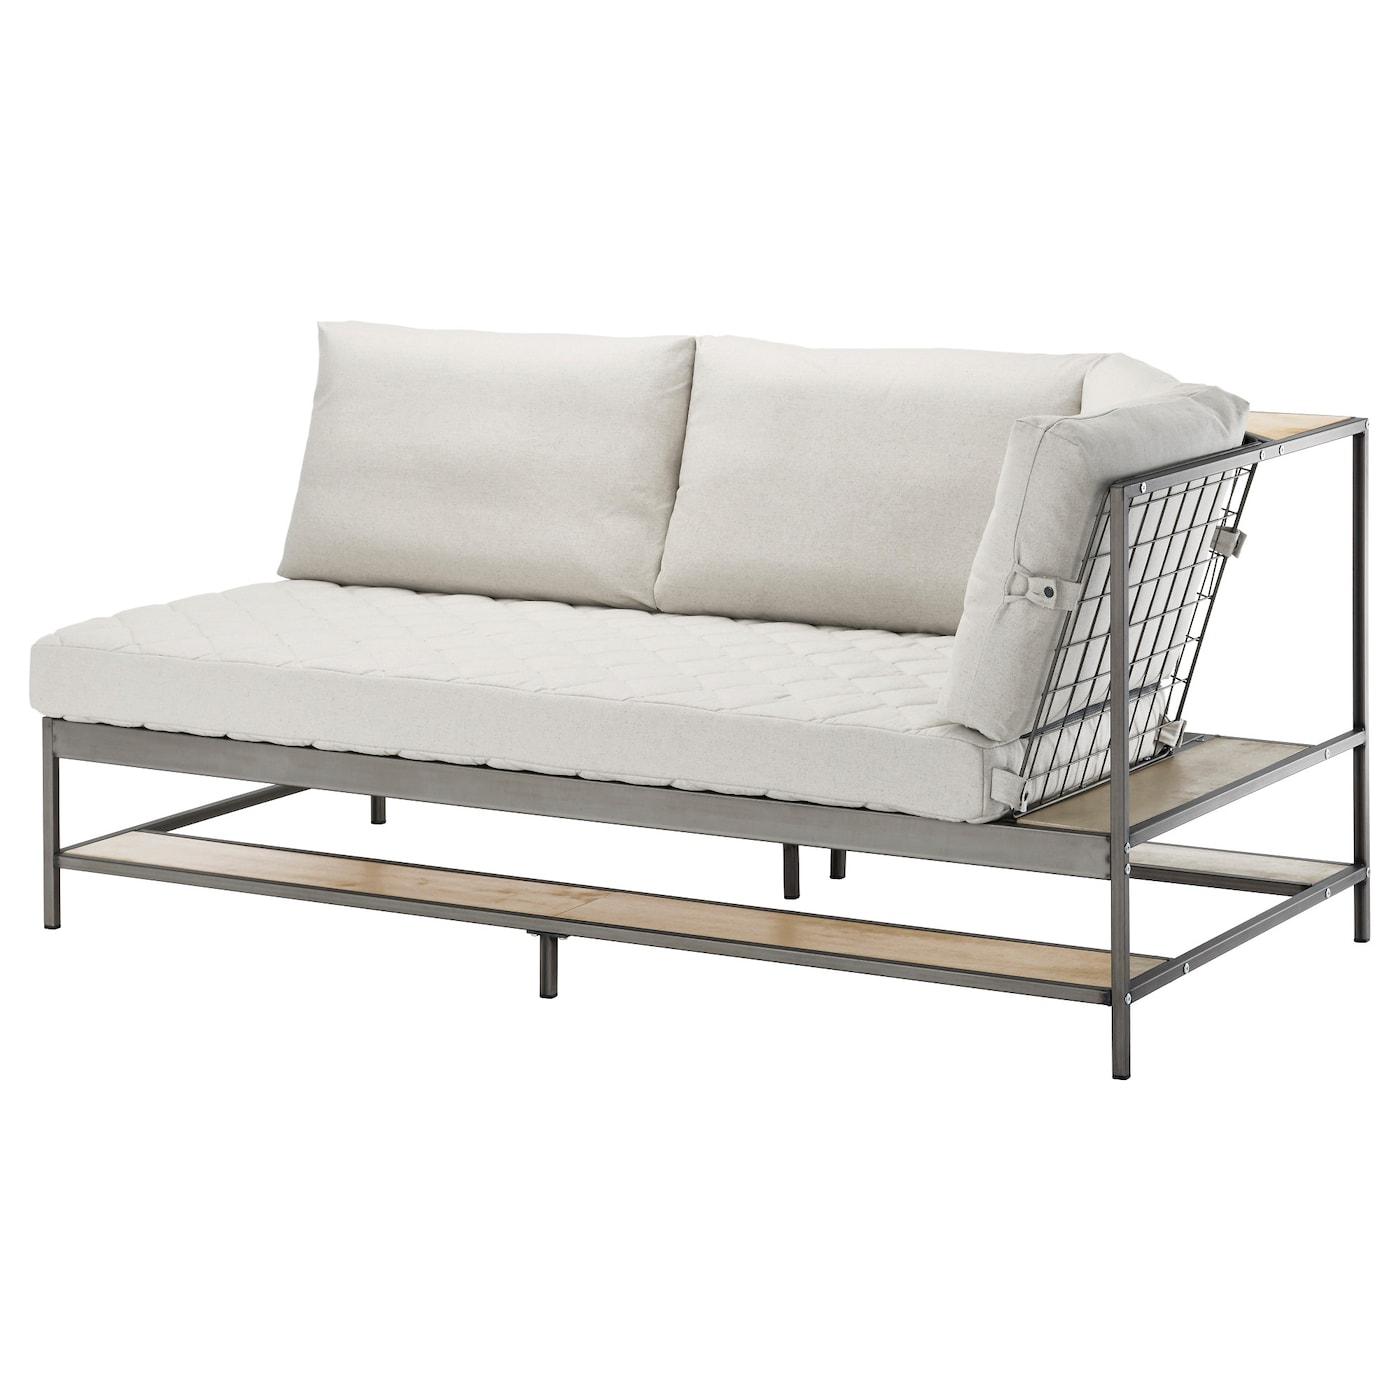 Ikea Ekebol Three Seat Sofa 10 Year Guarantee Read About The Terms In